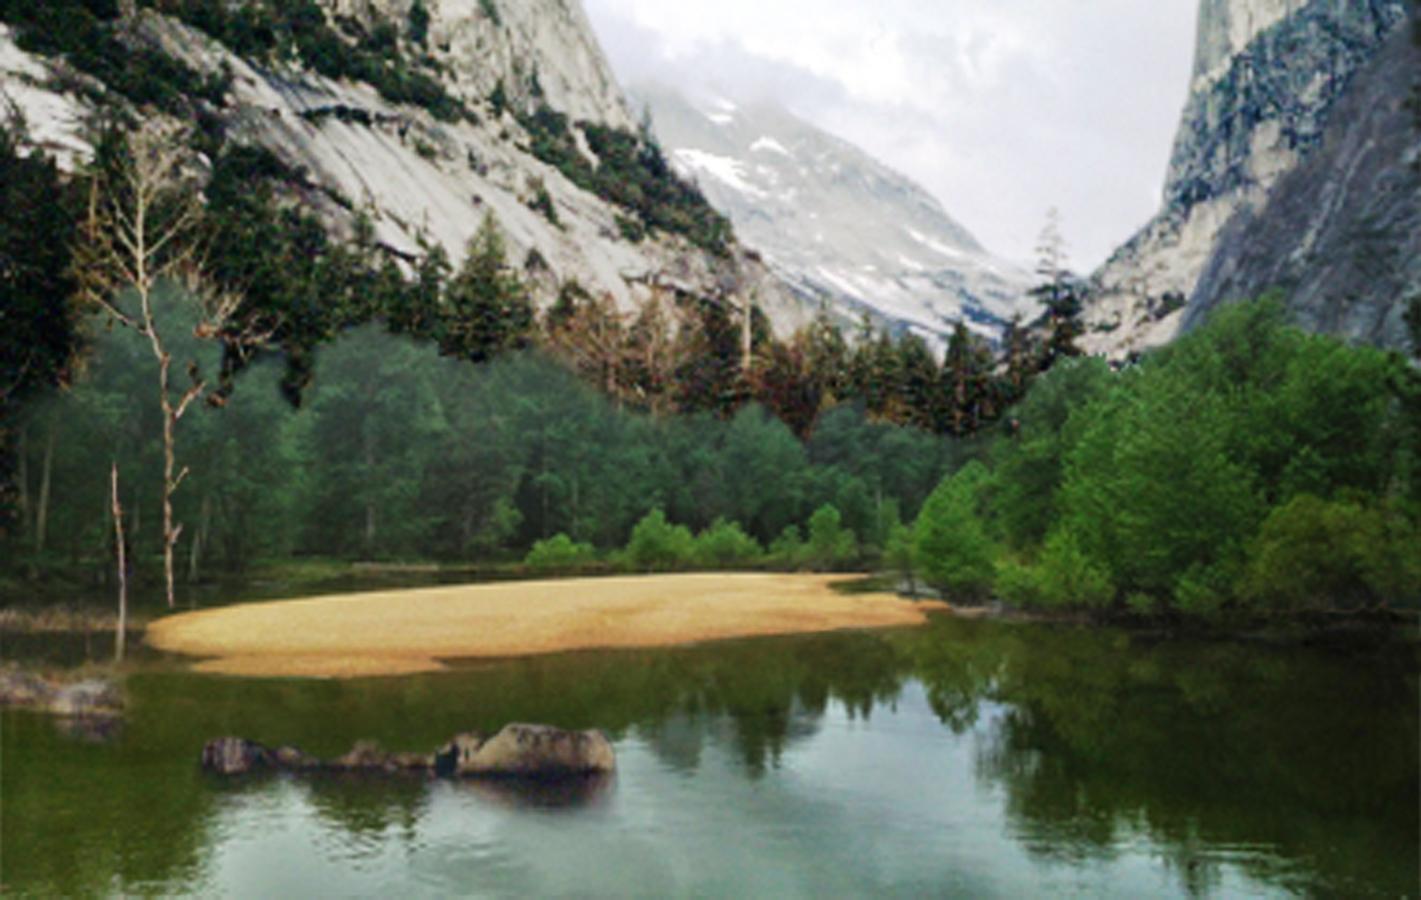 Meeting in Yosemite